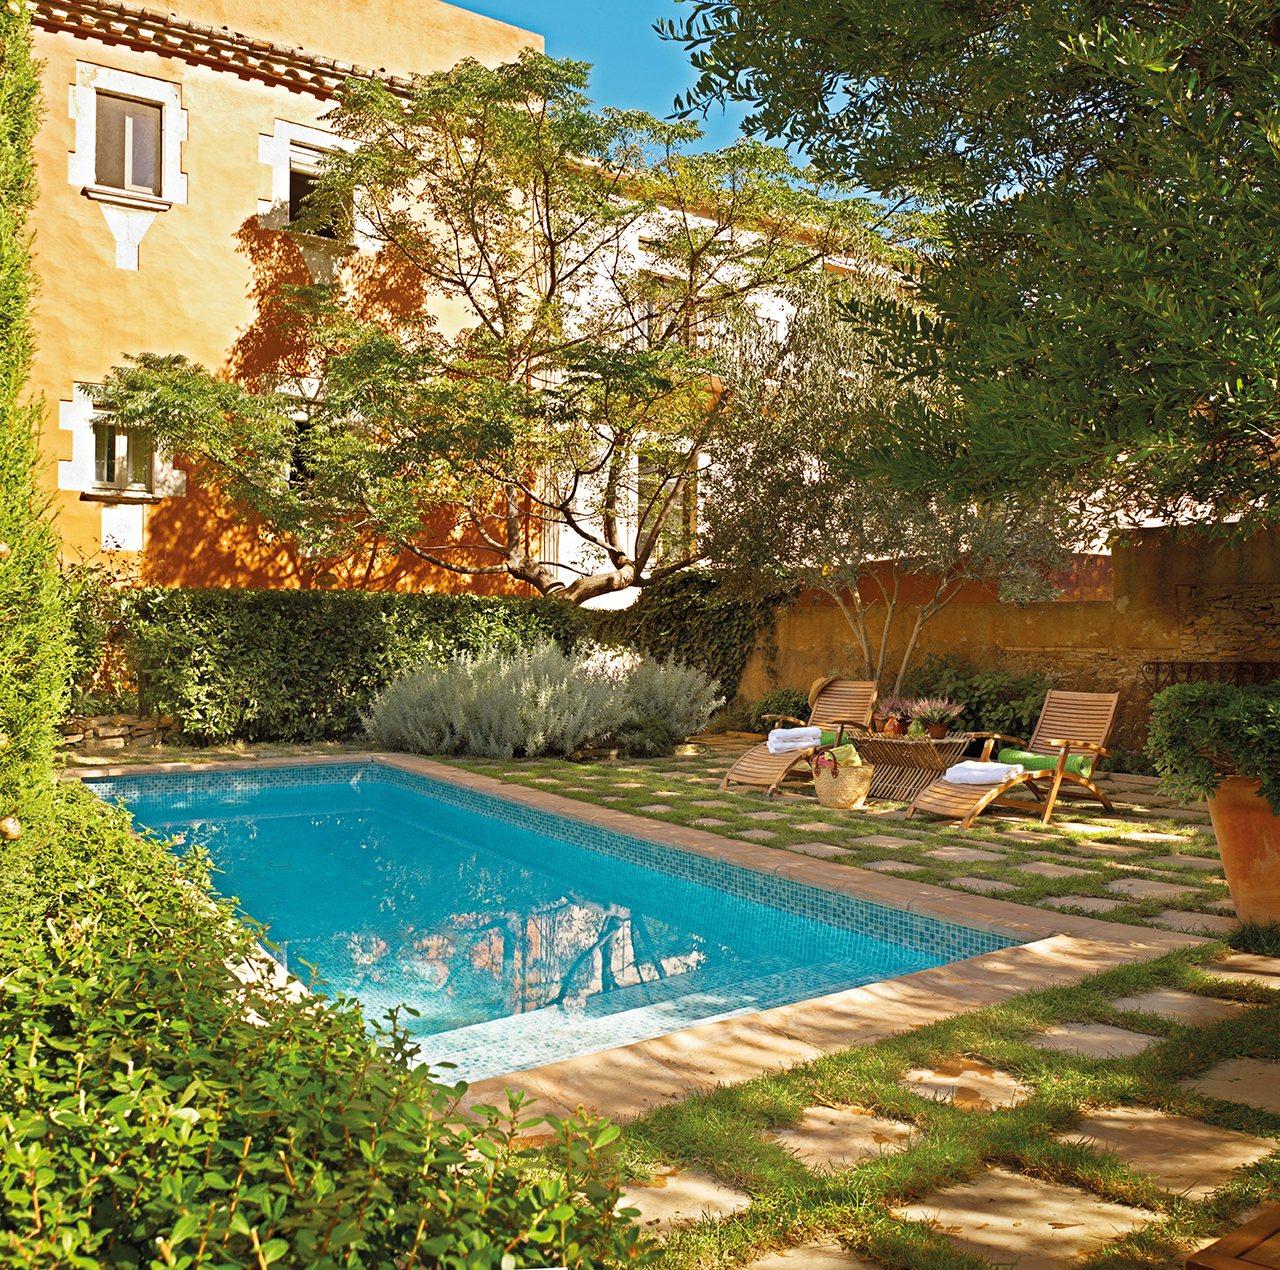 Las mejores piscinas para desconectar este verano for Piscinas en patios de casas